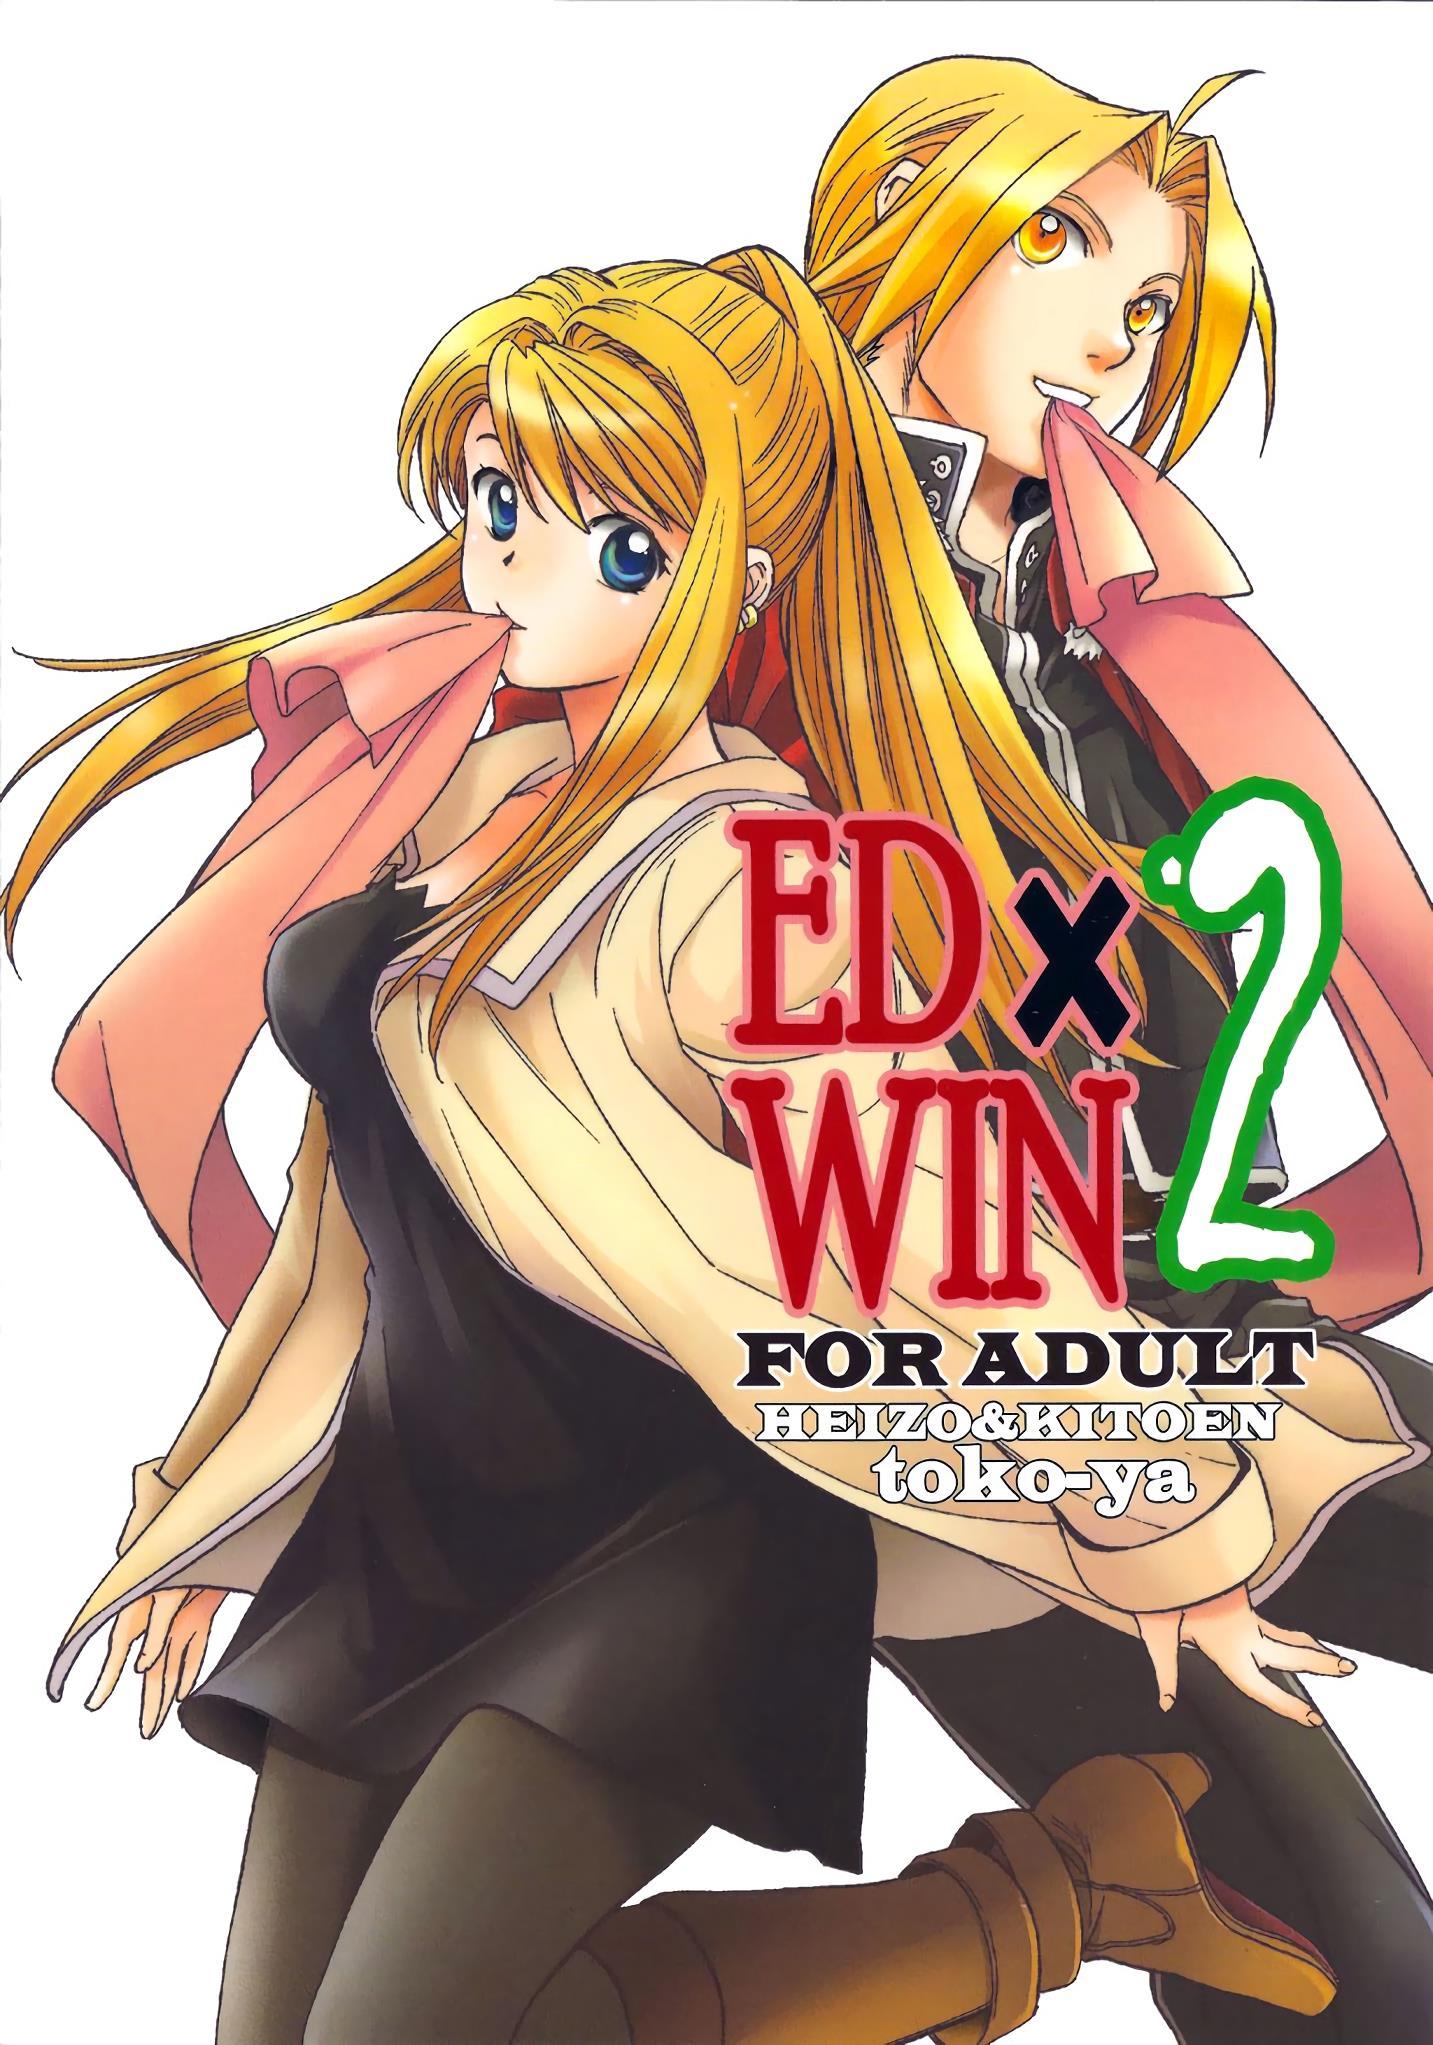 ED x WIN 2